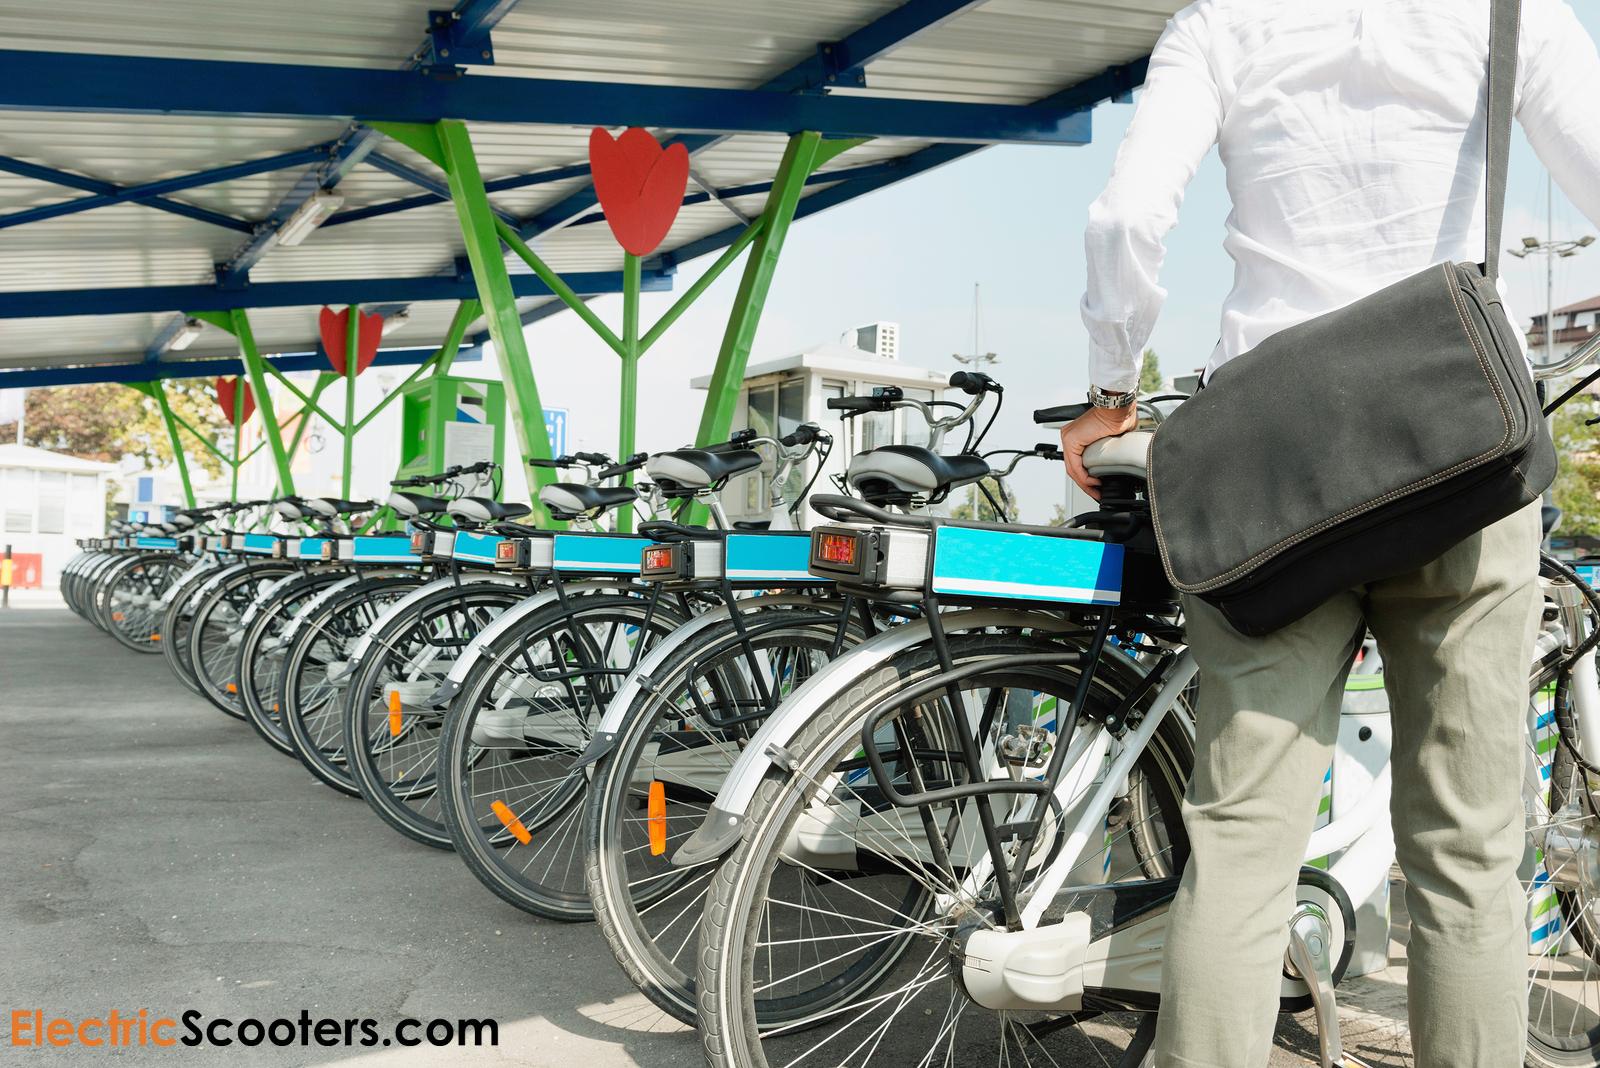 electric bike, best electric bike, ebike, ebicycle